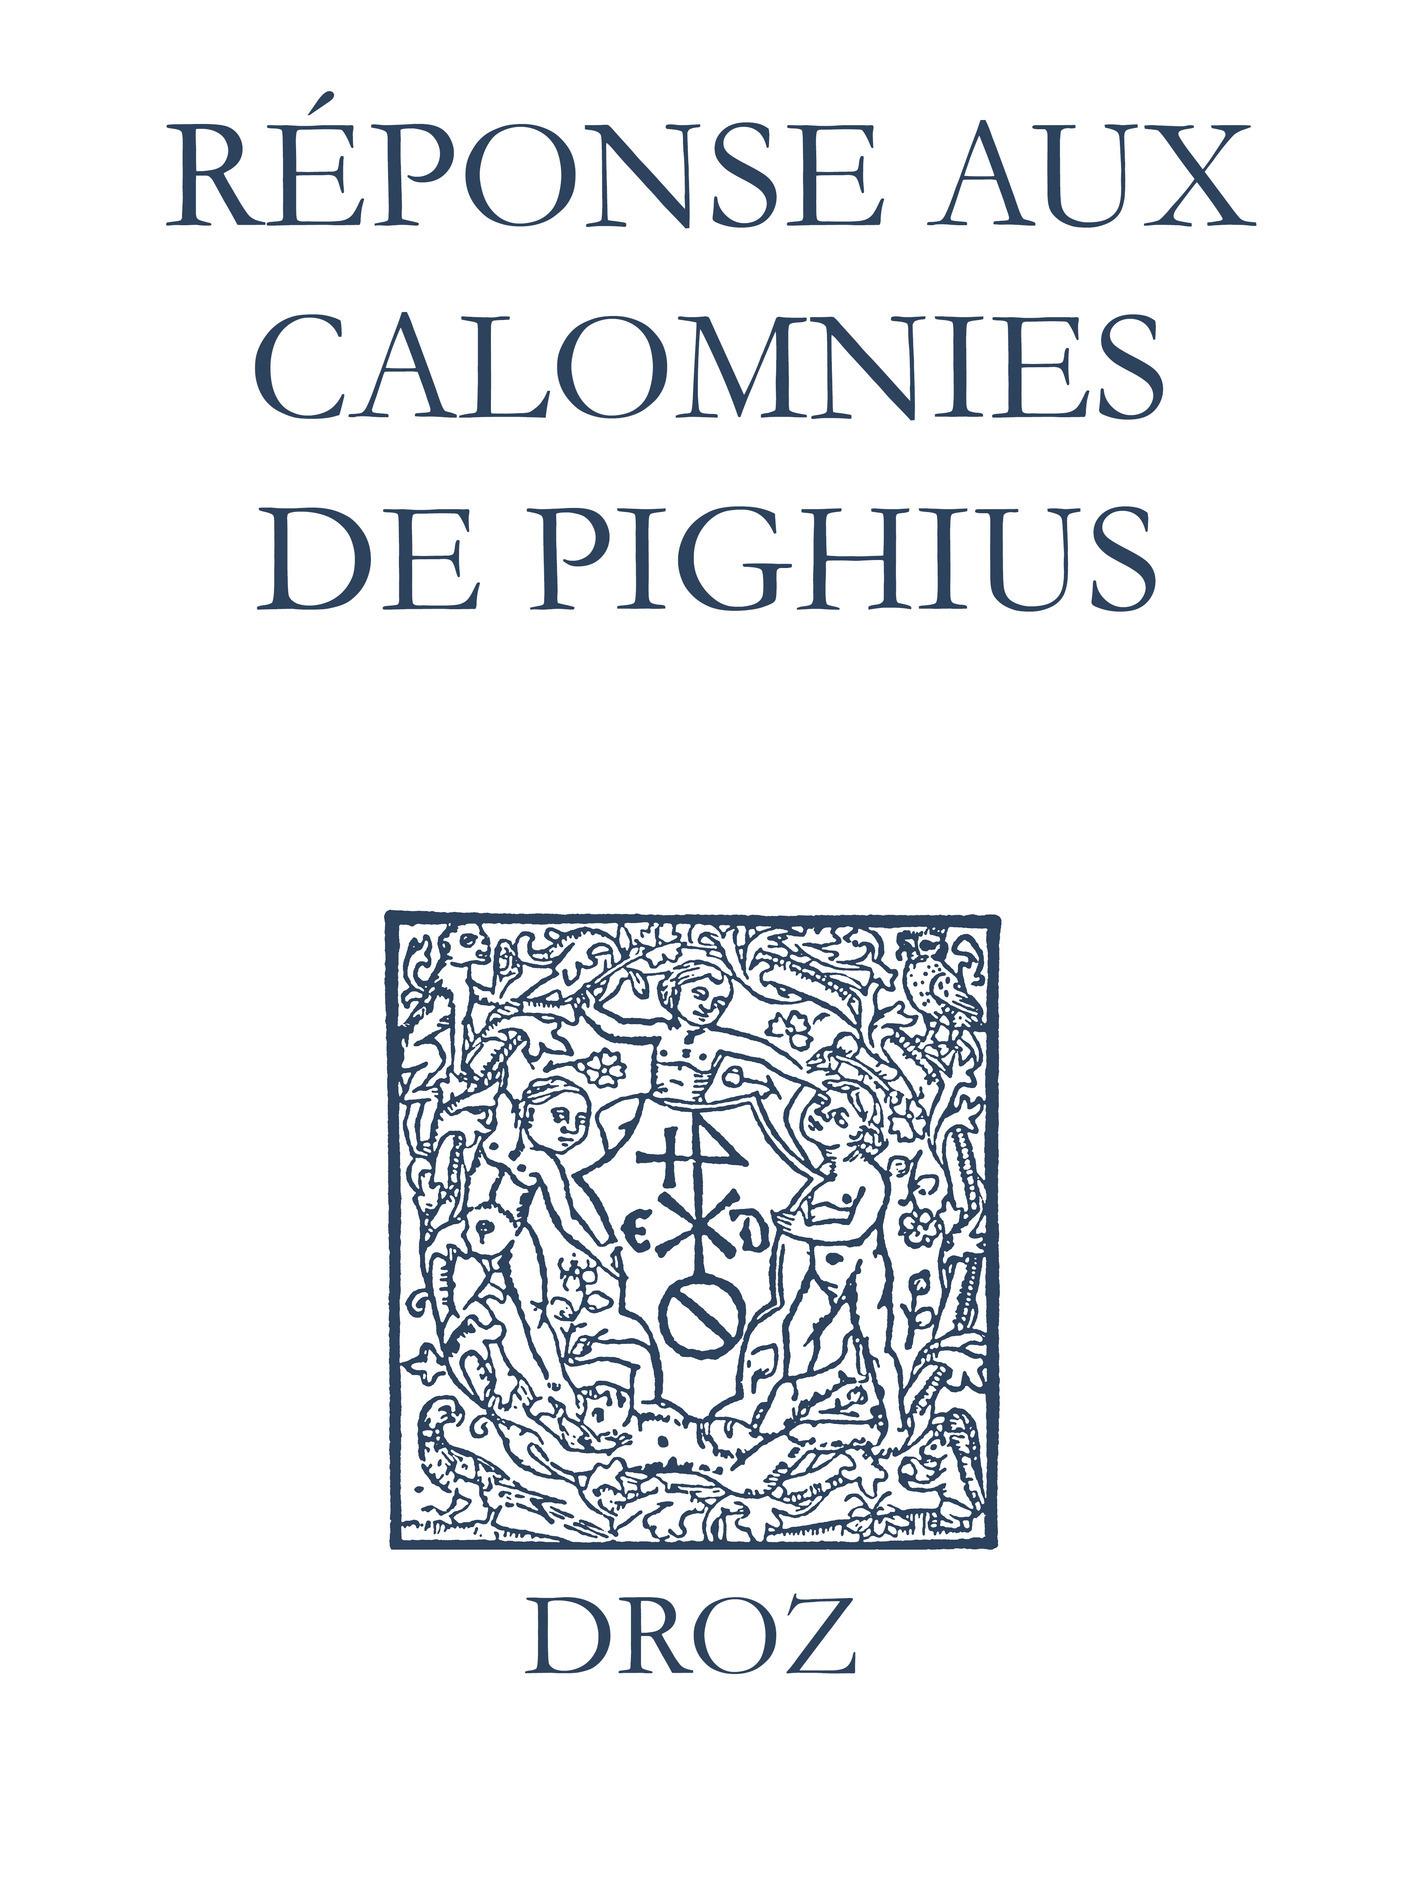 Recueil des opuscules 1566. Réponse aux calomnies de Pighius (1560)  - Laurence Vial-Bergon